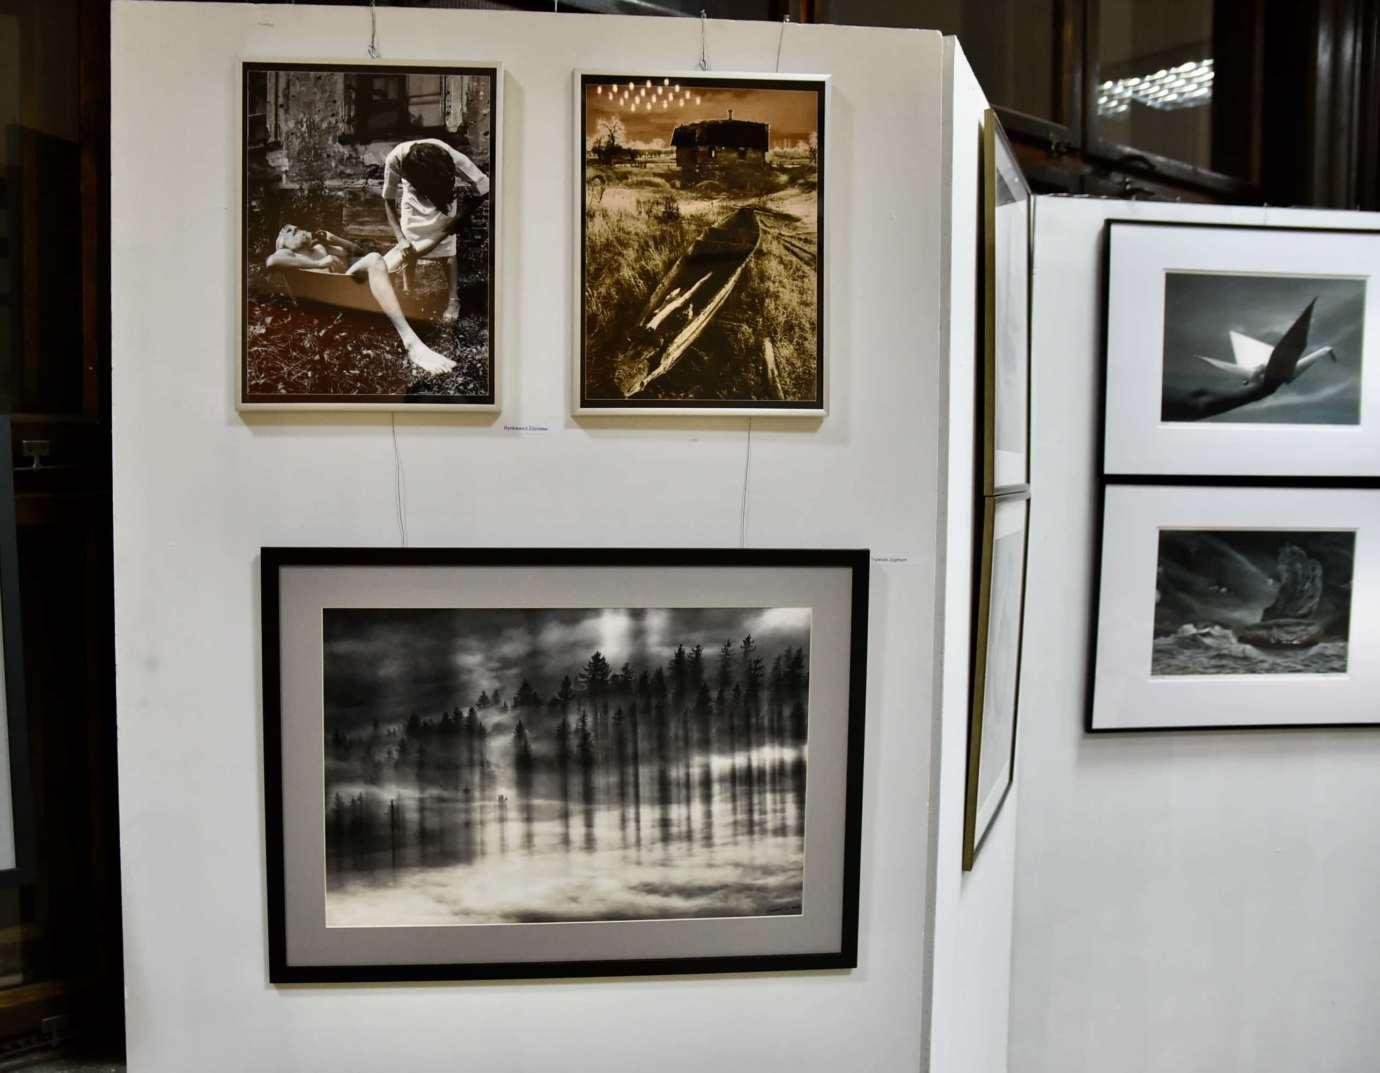 dsc 2567 Wystawa 66 limitowanych fotografii do zobaczenia w ZDK (zdjęcia)